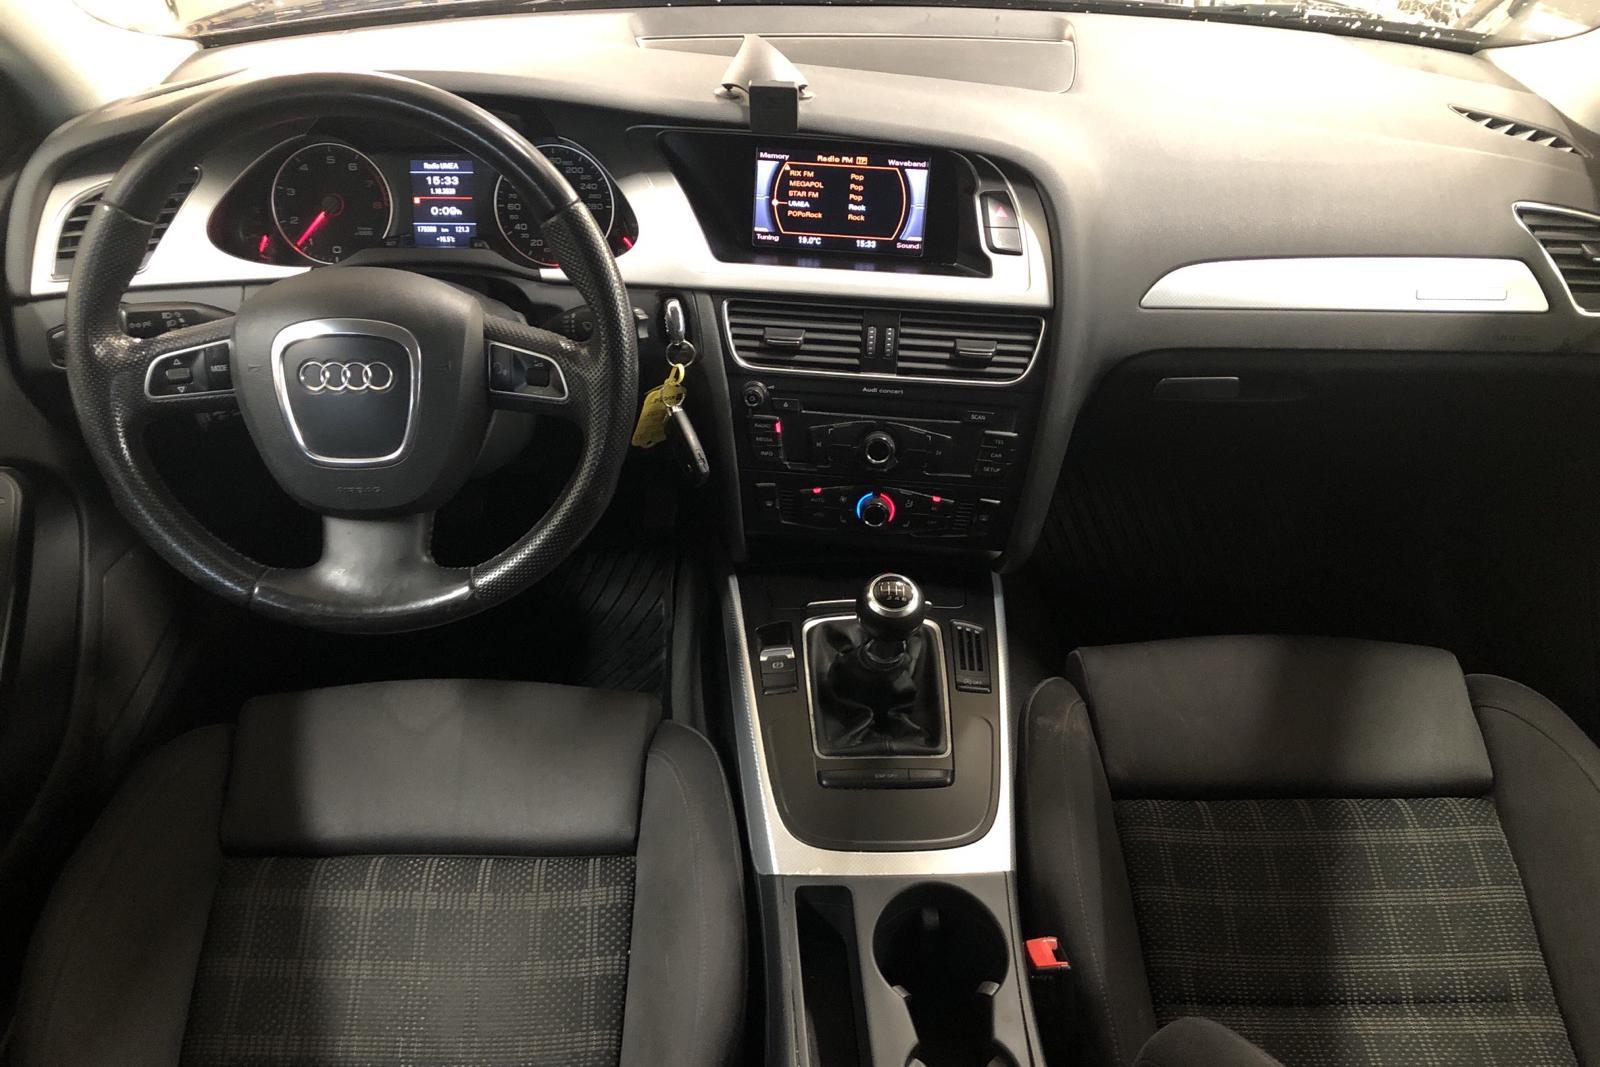 Audi A4 2.0 TFSI Avant quattro (211hk) - 17 945 mil - Manuell - svart - 2010